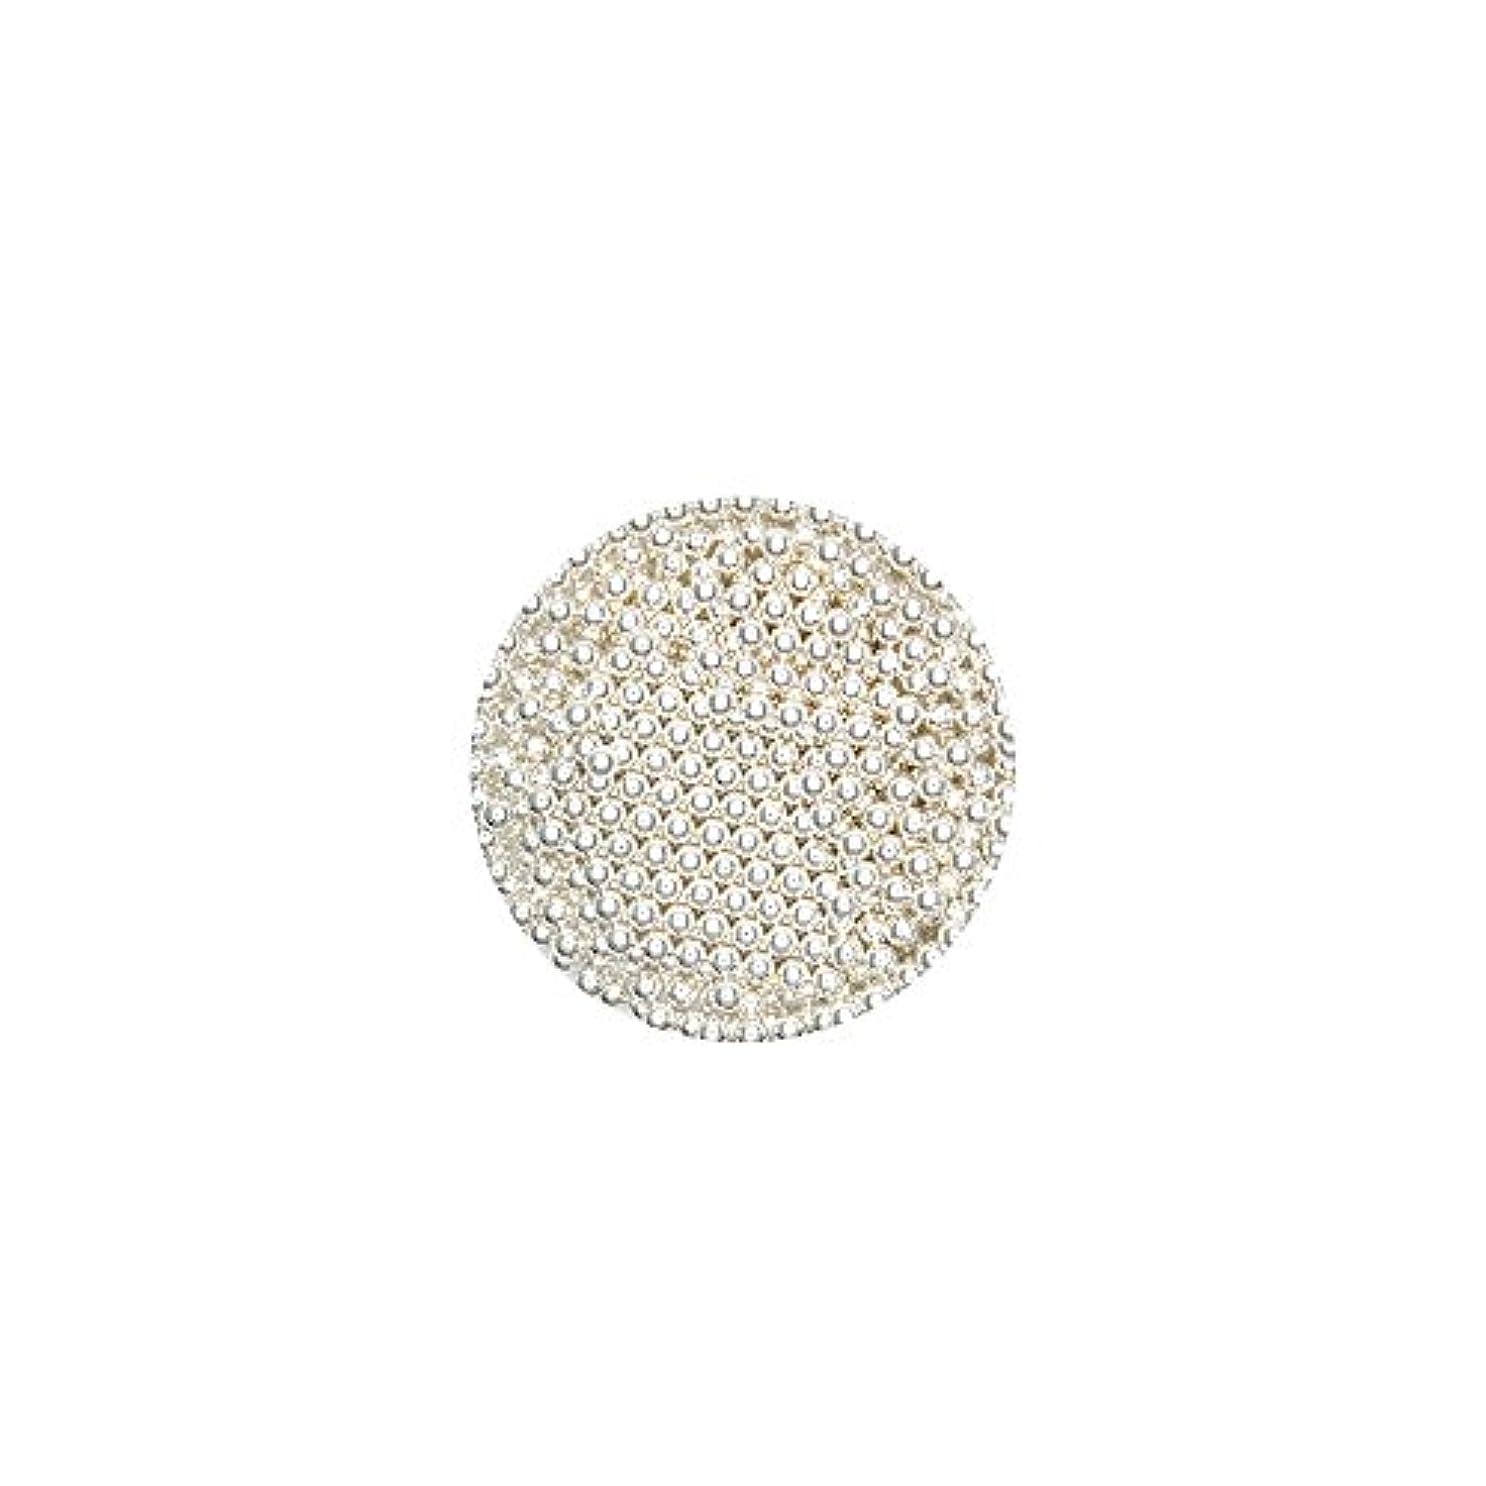 アルミニウムそれストレンジャーメタルブリオン 【1.2mm / シルバー】